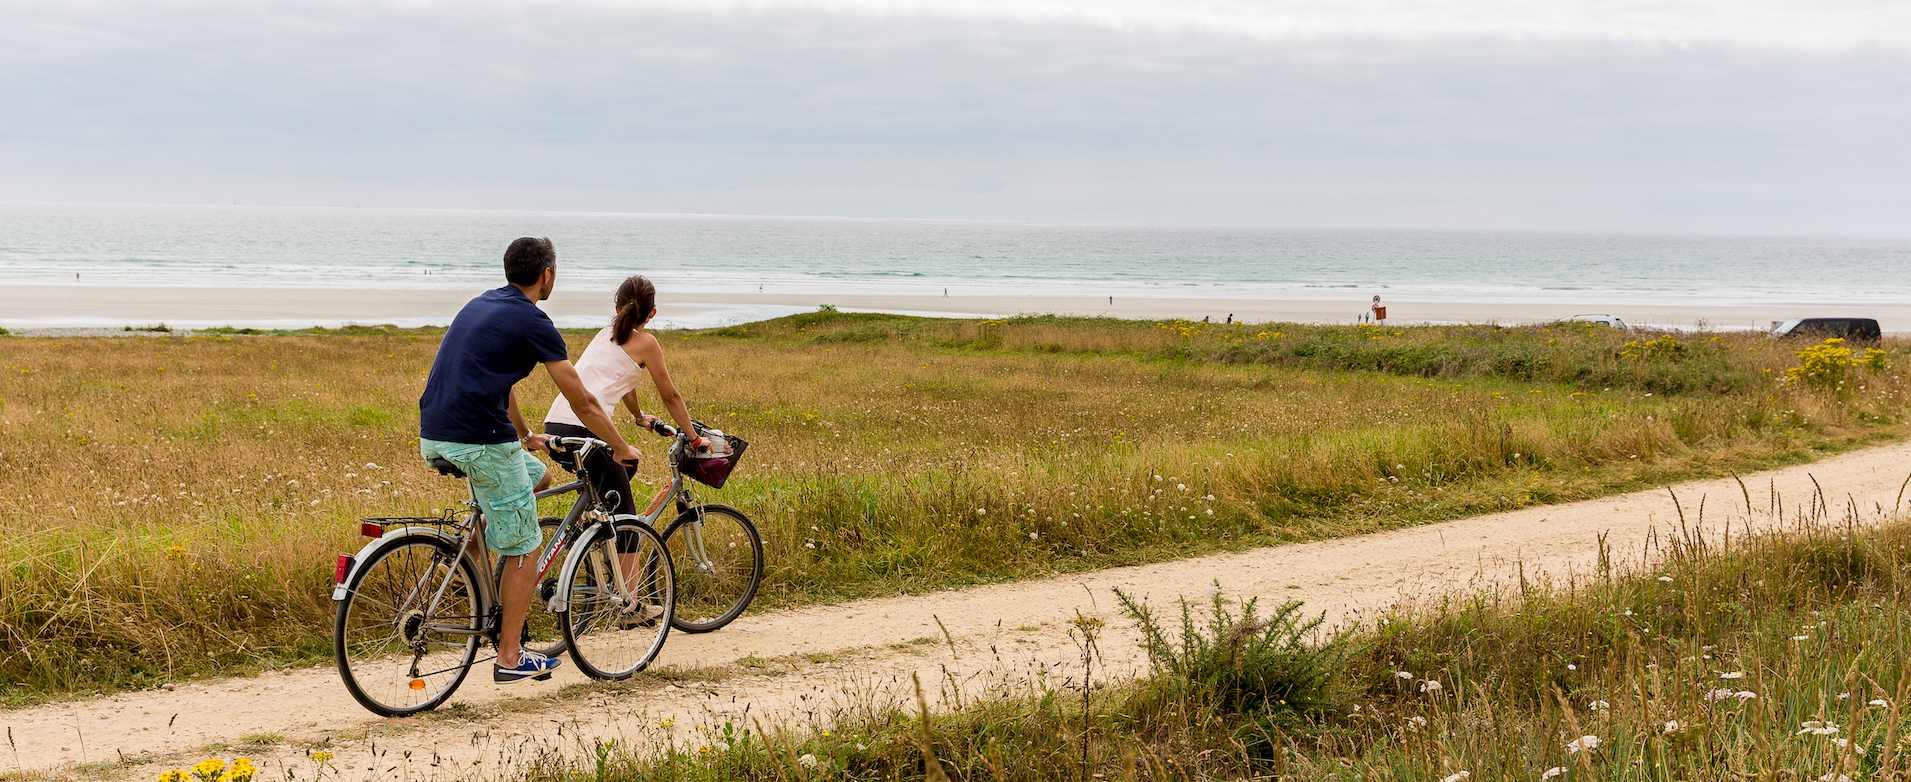 Balades et rando à vélo, un terrain de jeu incroyablement varié